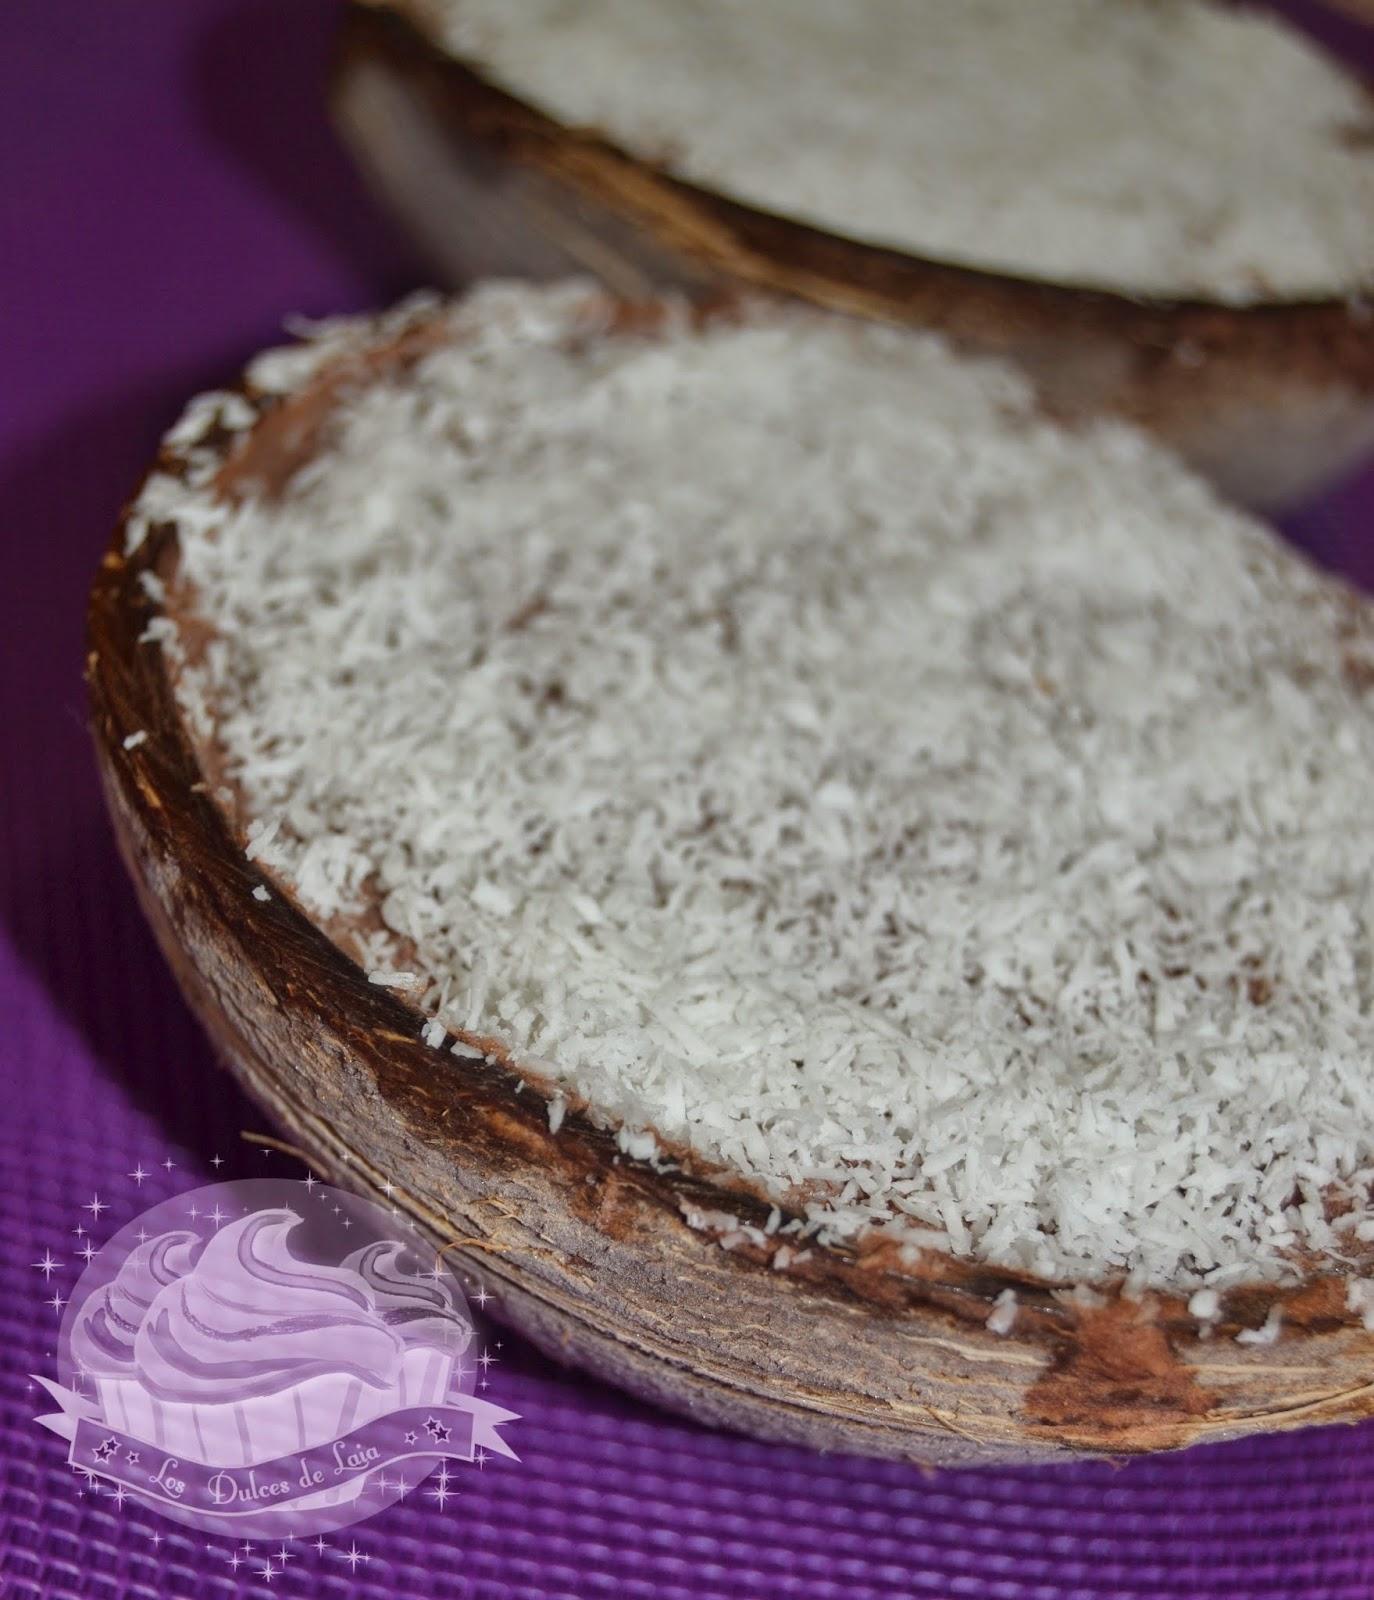 Presentación de helado de chocolate y coco